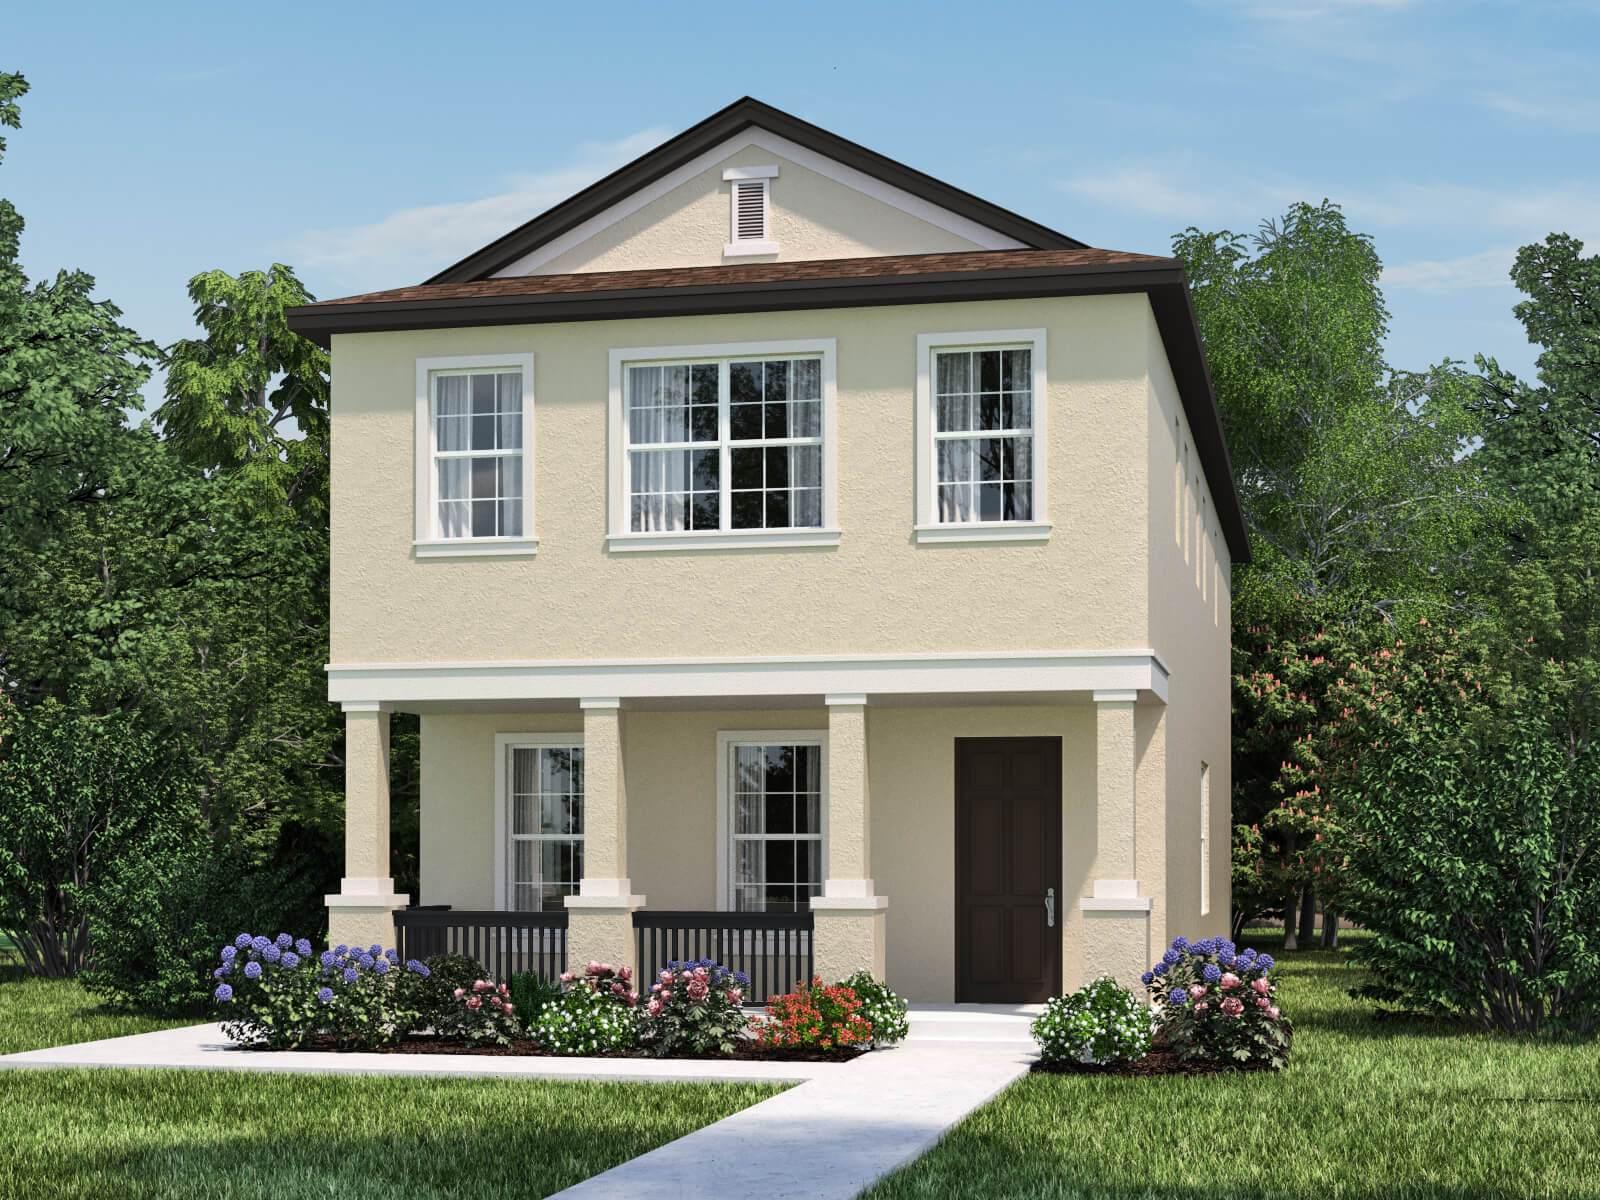 New homes in orlando 394 communities newhomesource